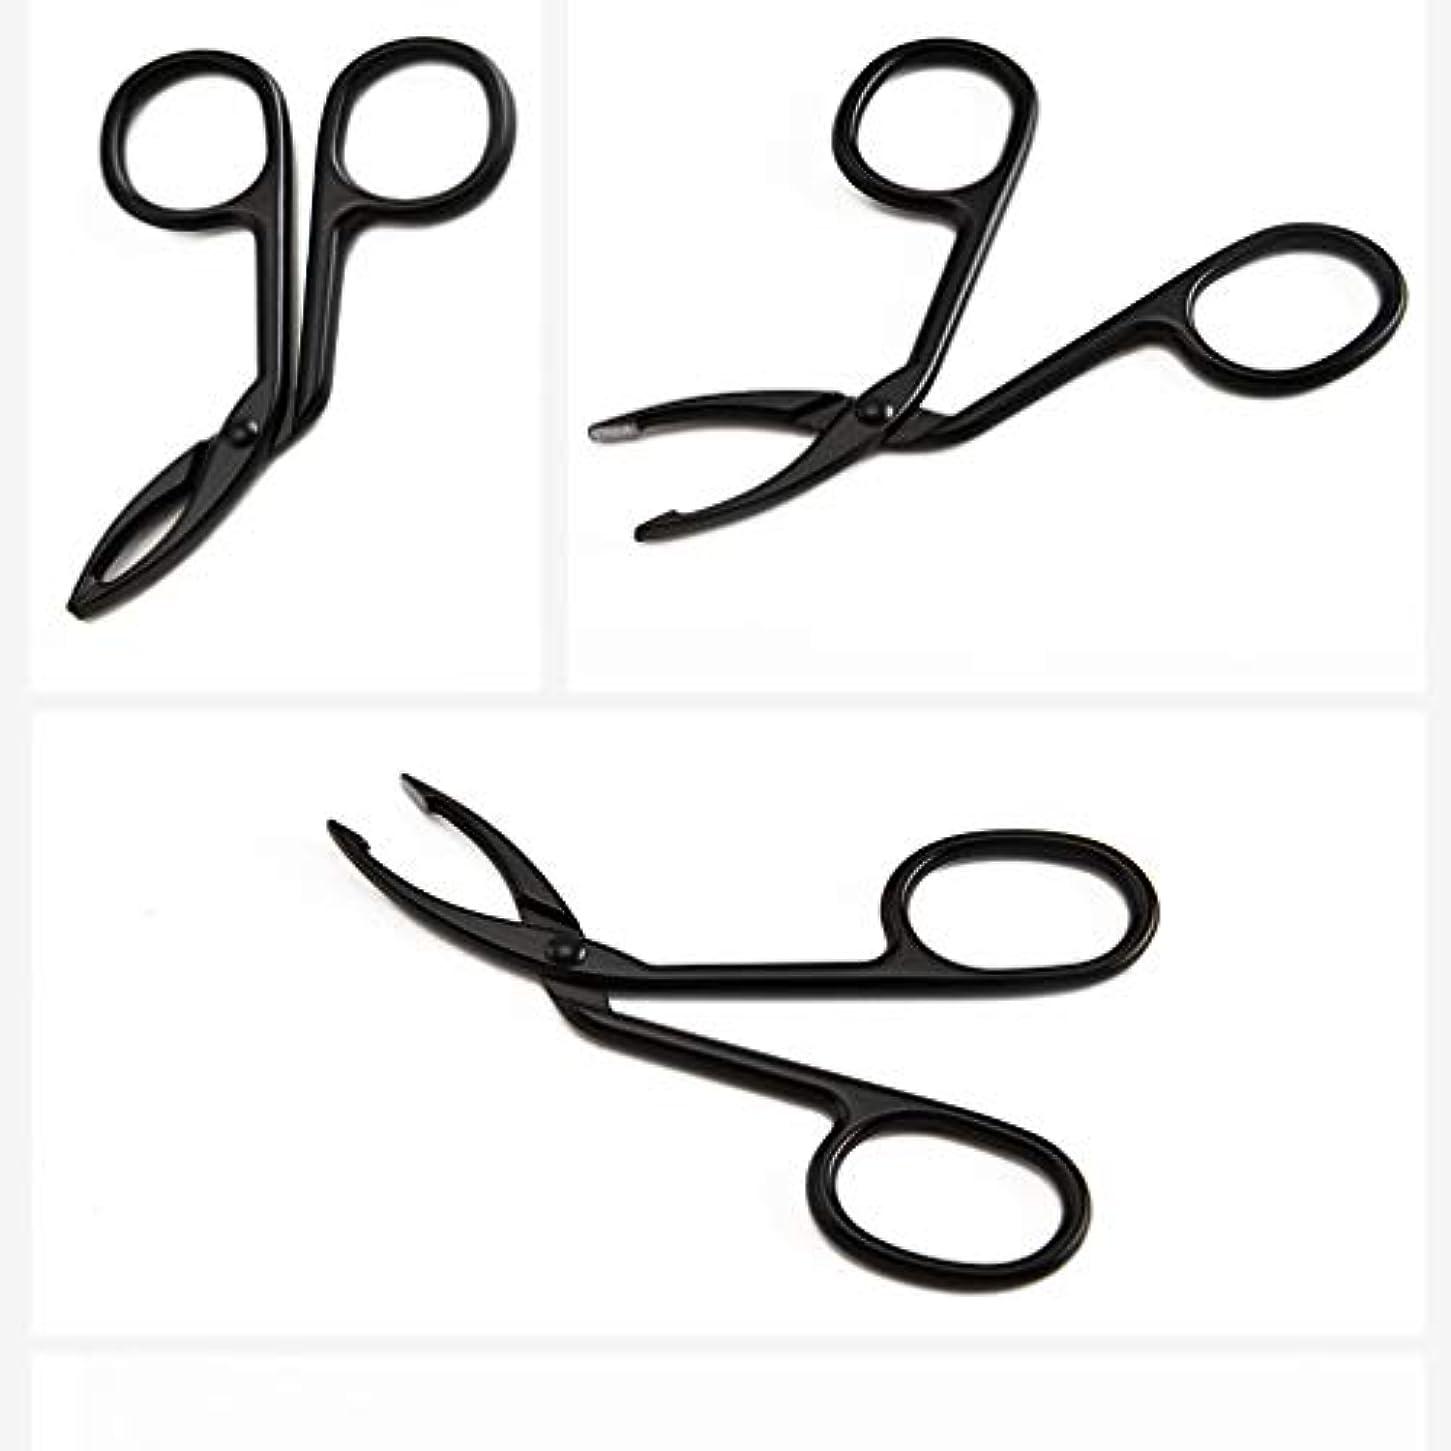 極地を除く異議LUXWELL(ラクスウェル)眉毛ピンセットアイブロウ ピンセットクリップ 毛抜き まゆ毛ピンセット 人気の 化粧工具 クリップ